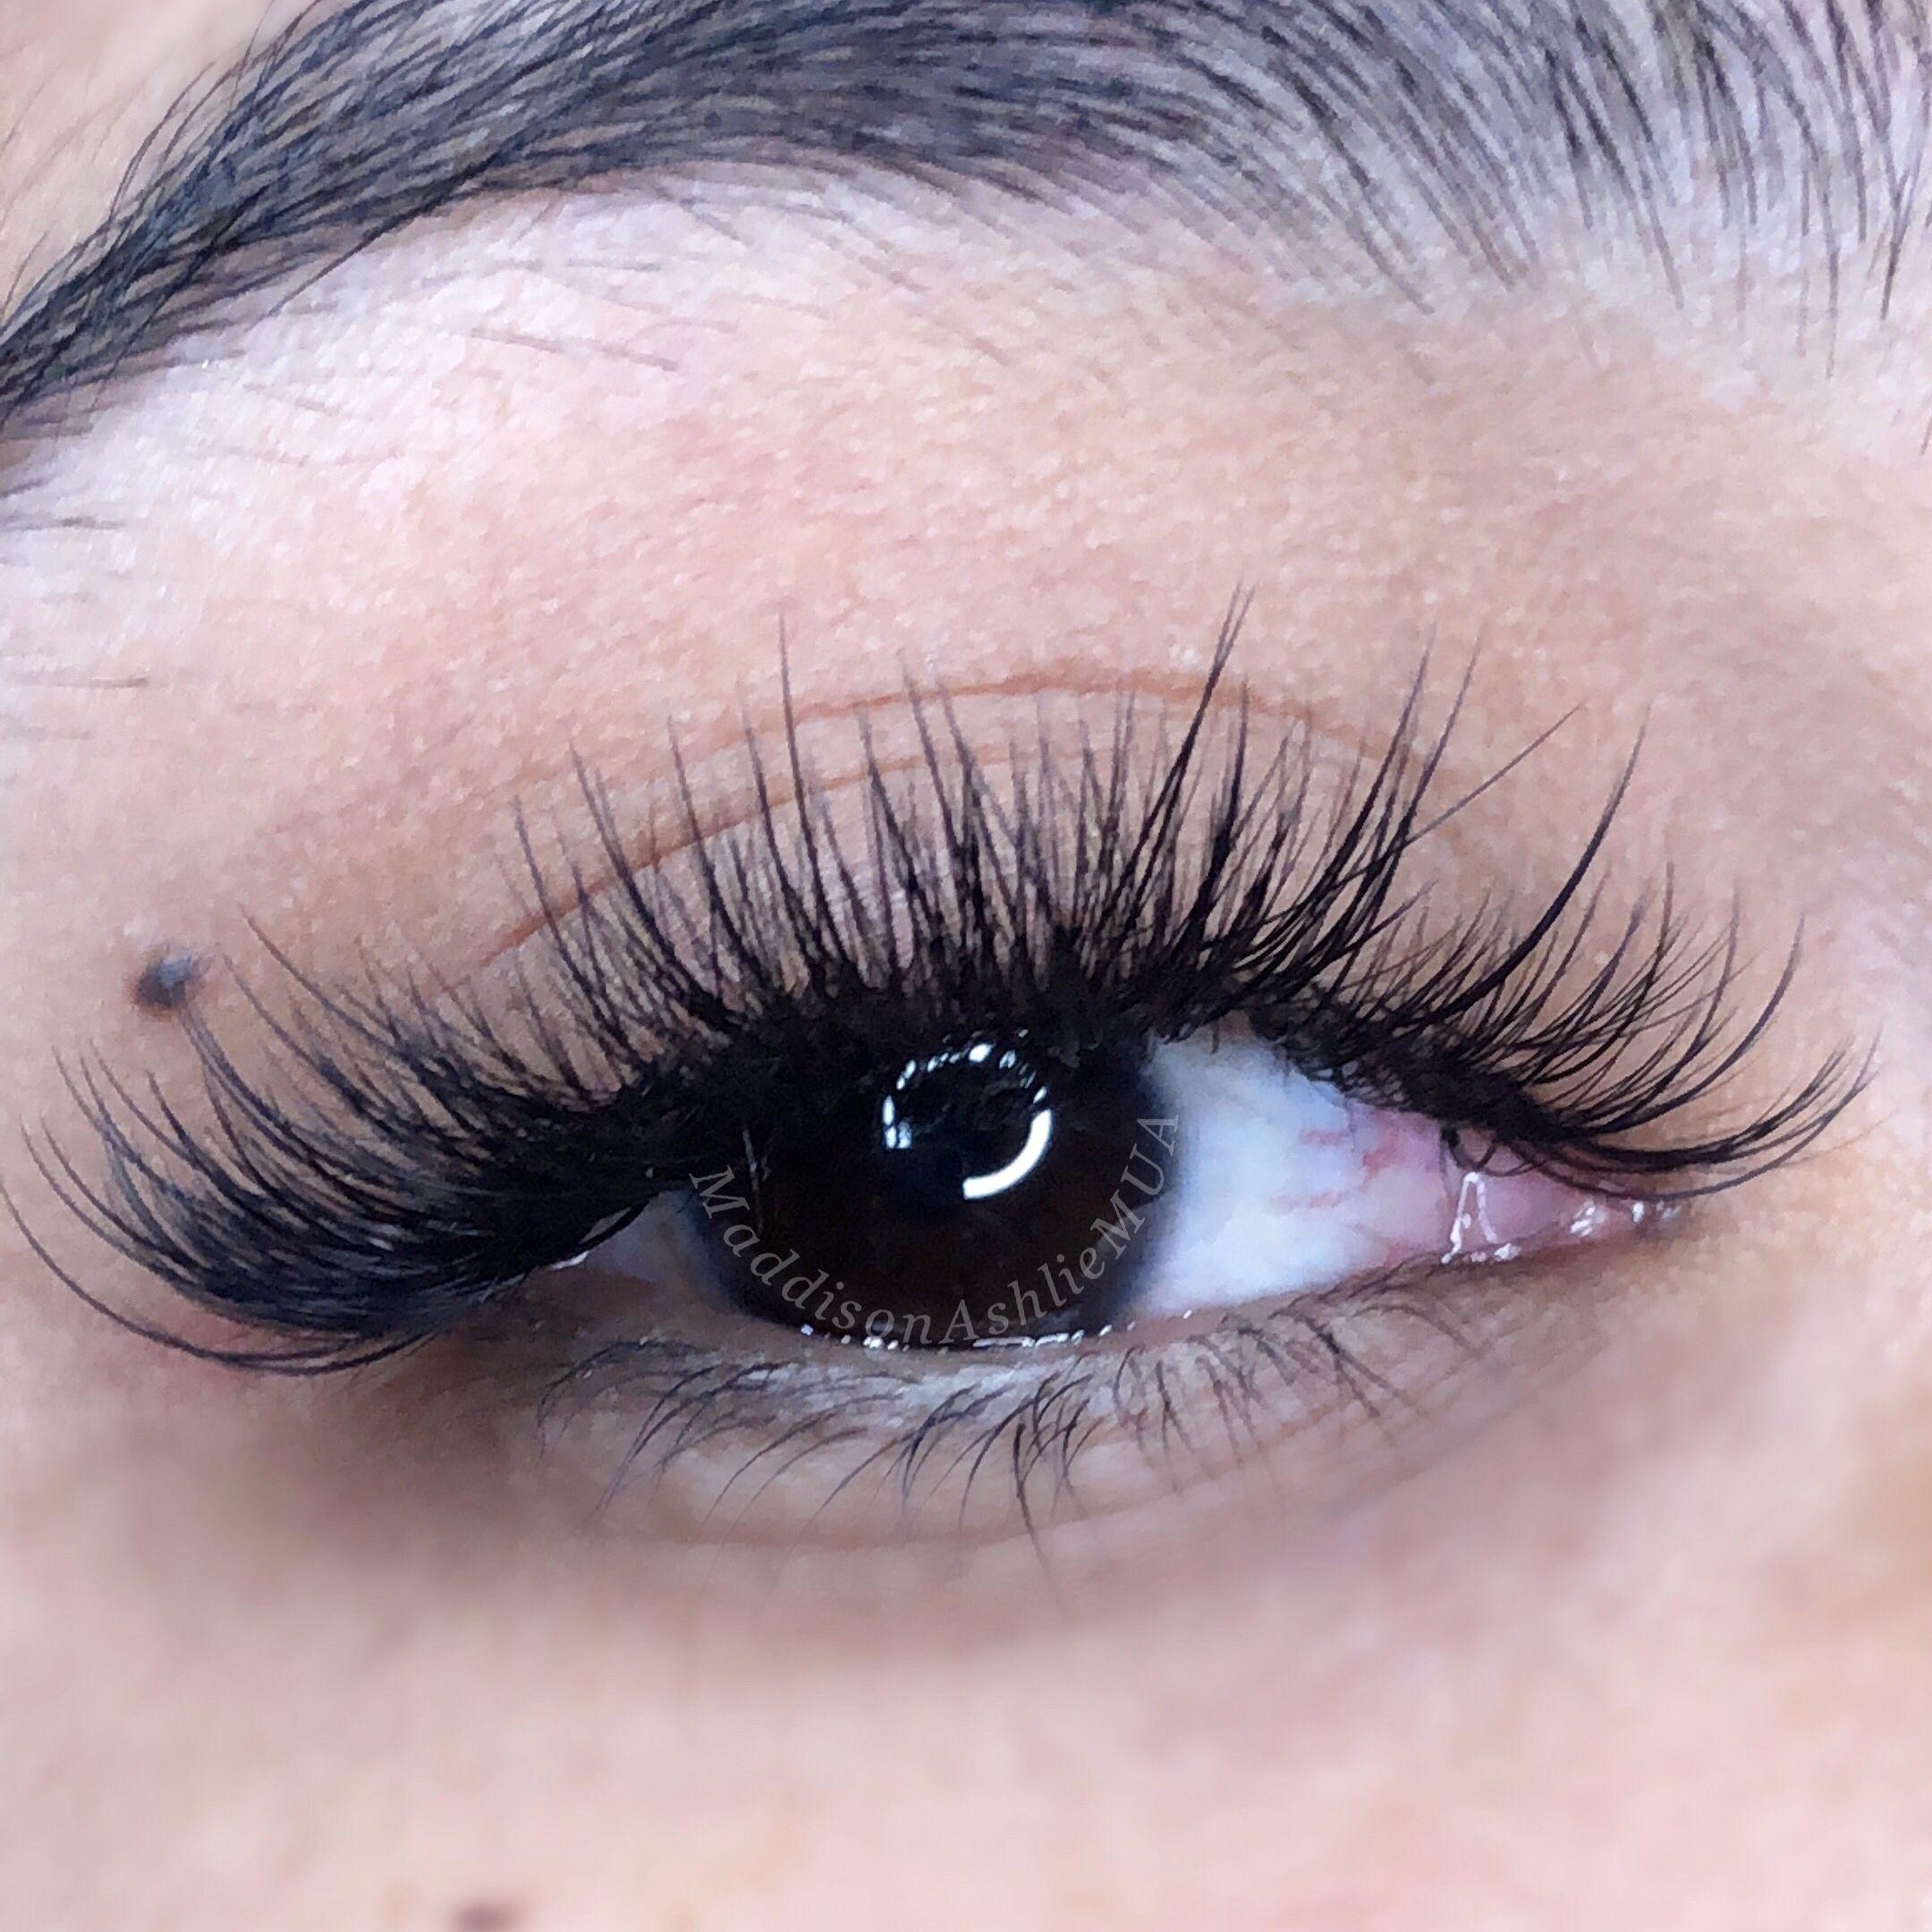 Hybrid Lash Extensions EyeLashesExtensions Eyelash